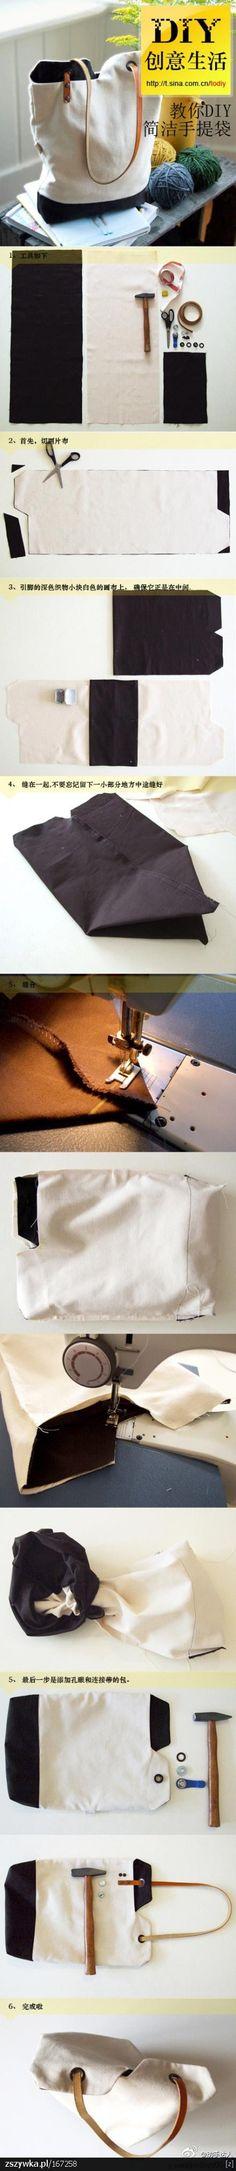 Purse DIY...& Much More Ideas & Crafts...